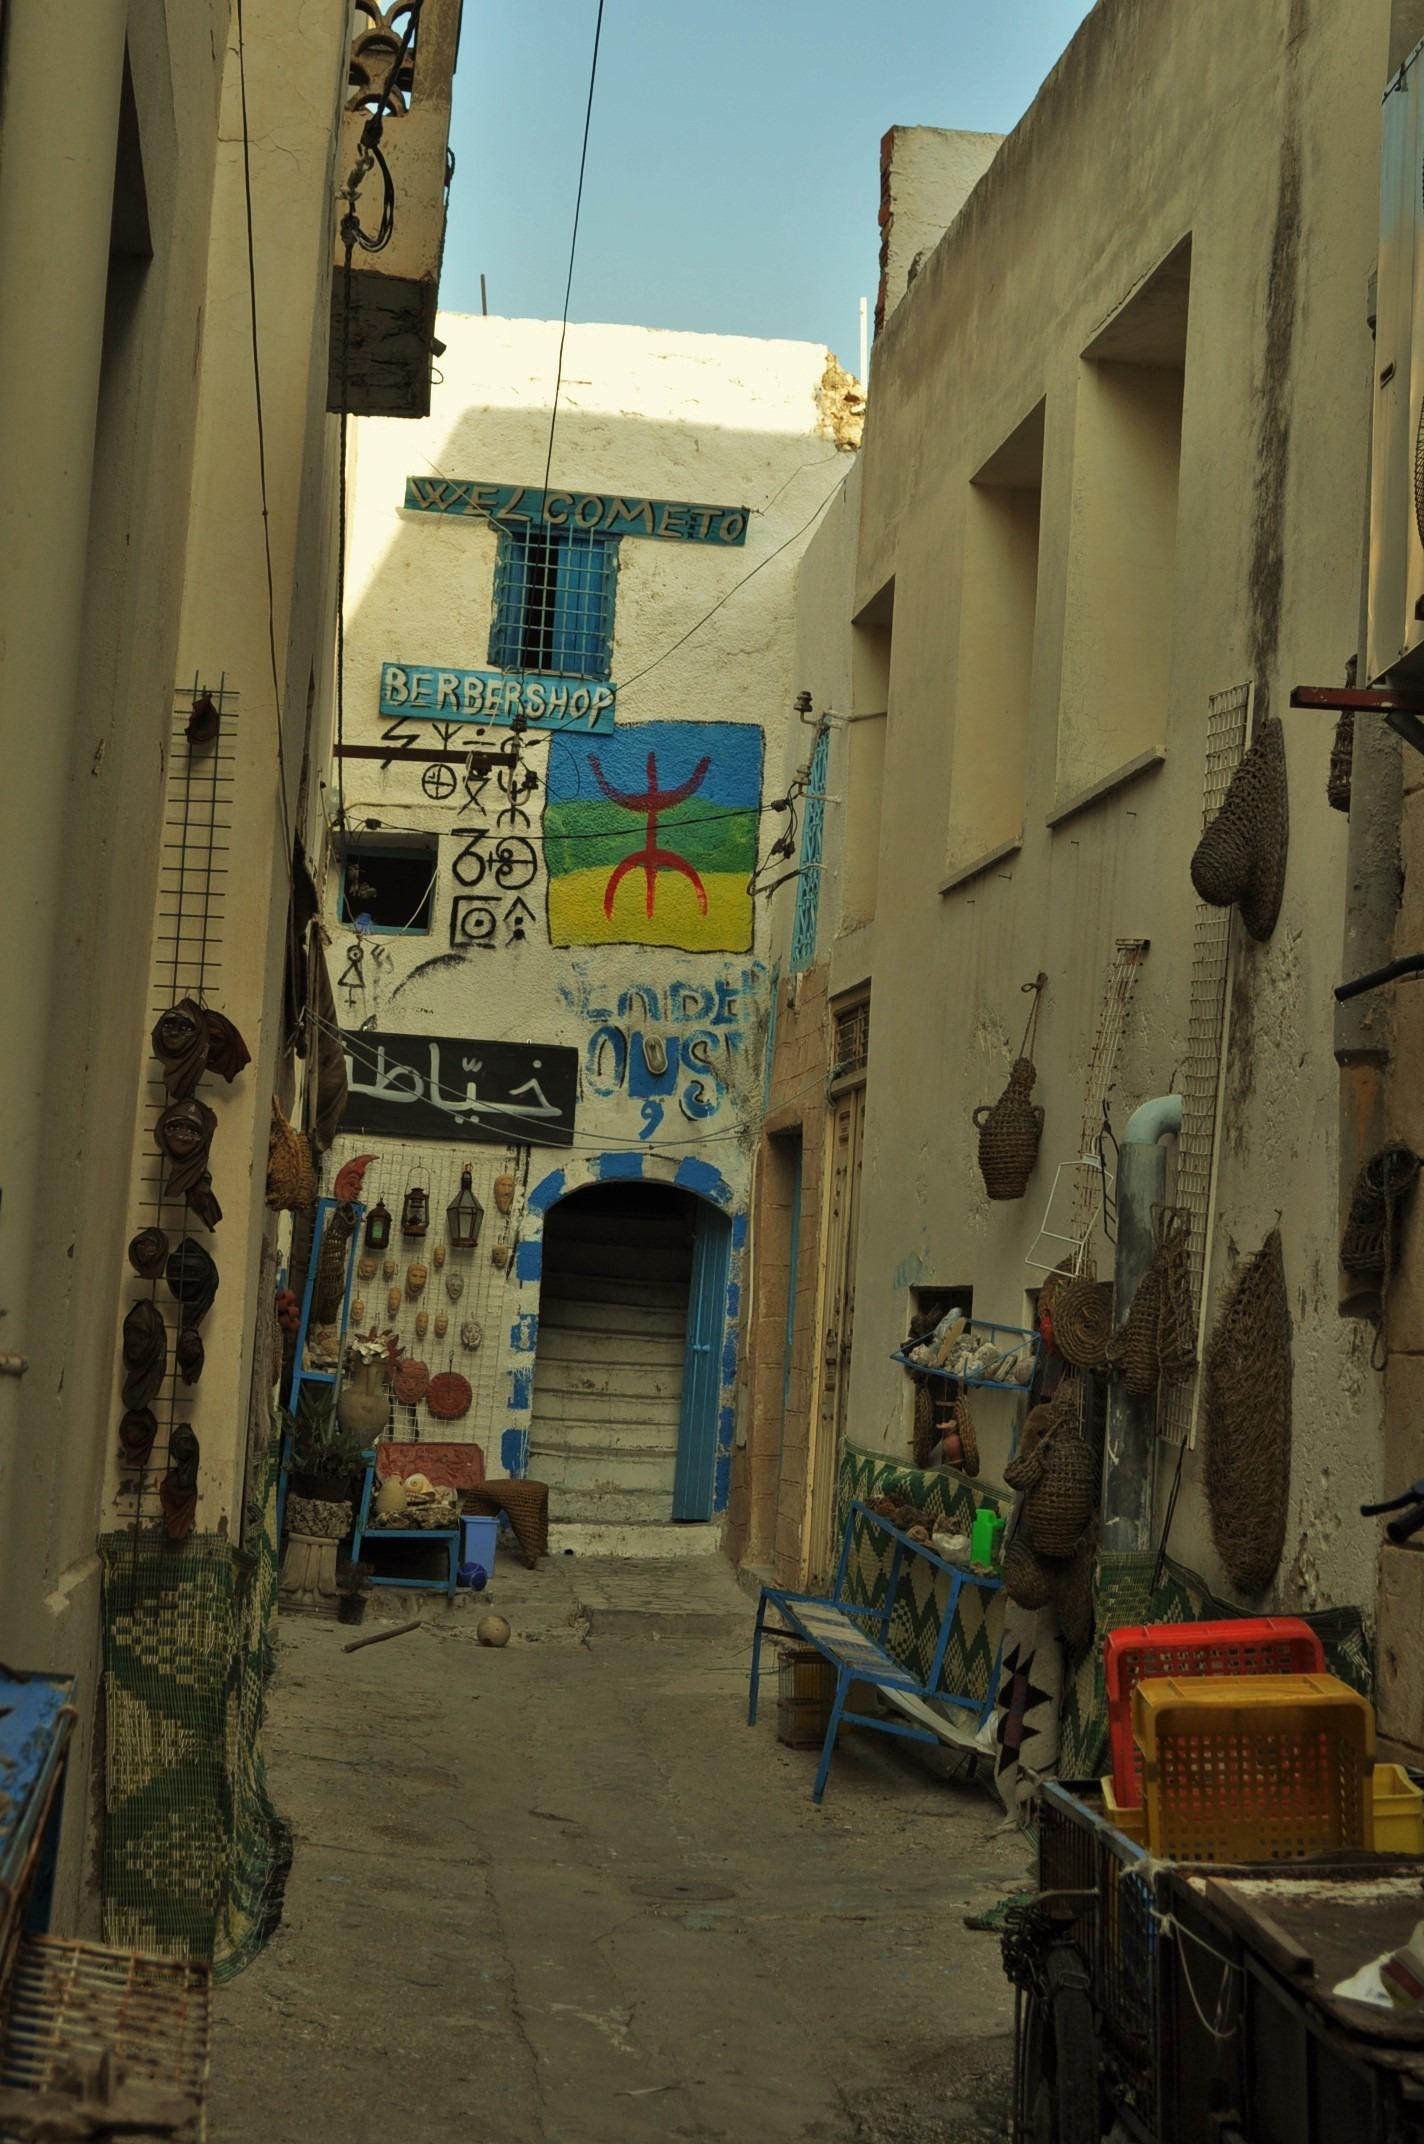 Промъкнахме се в едно берберско магазинче сгушено накрая на един сокак.